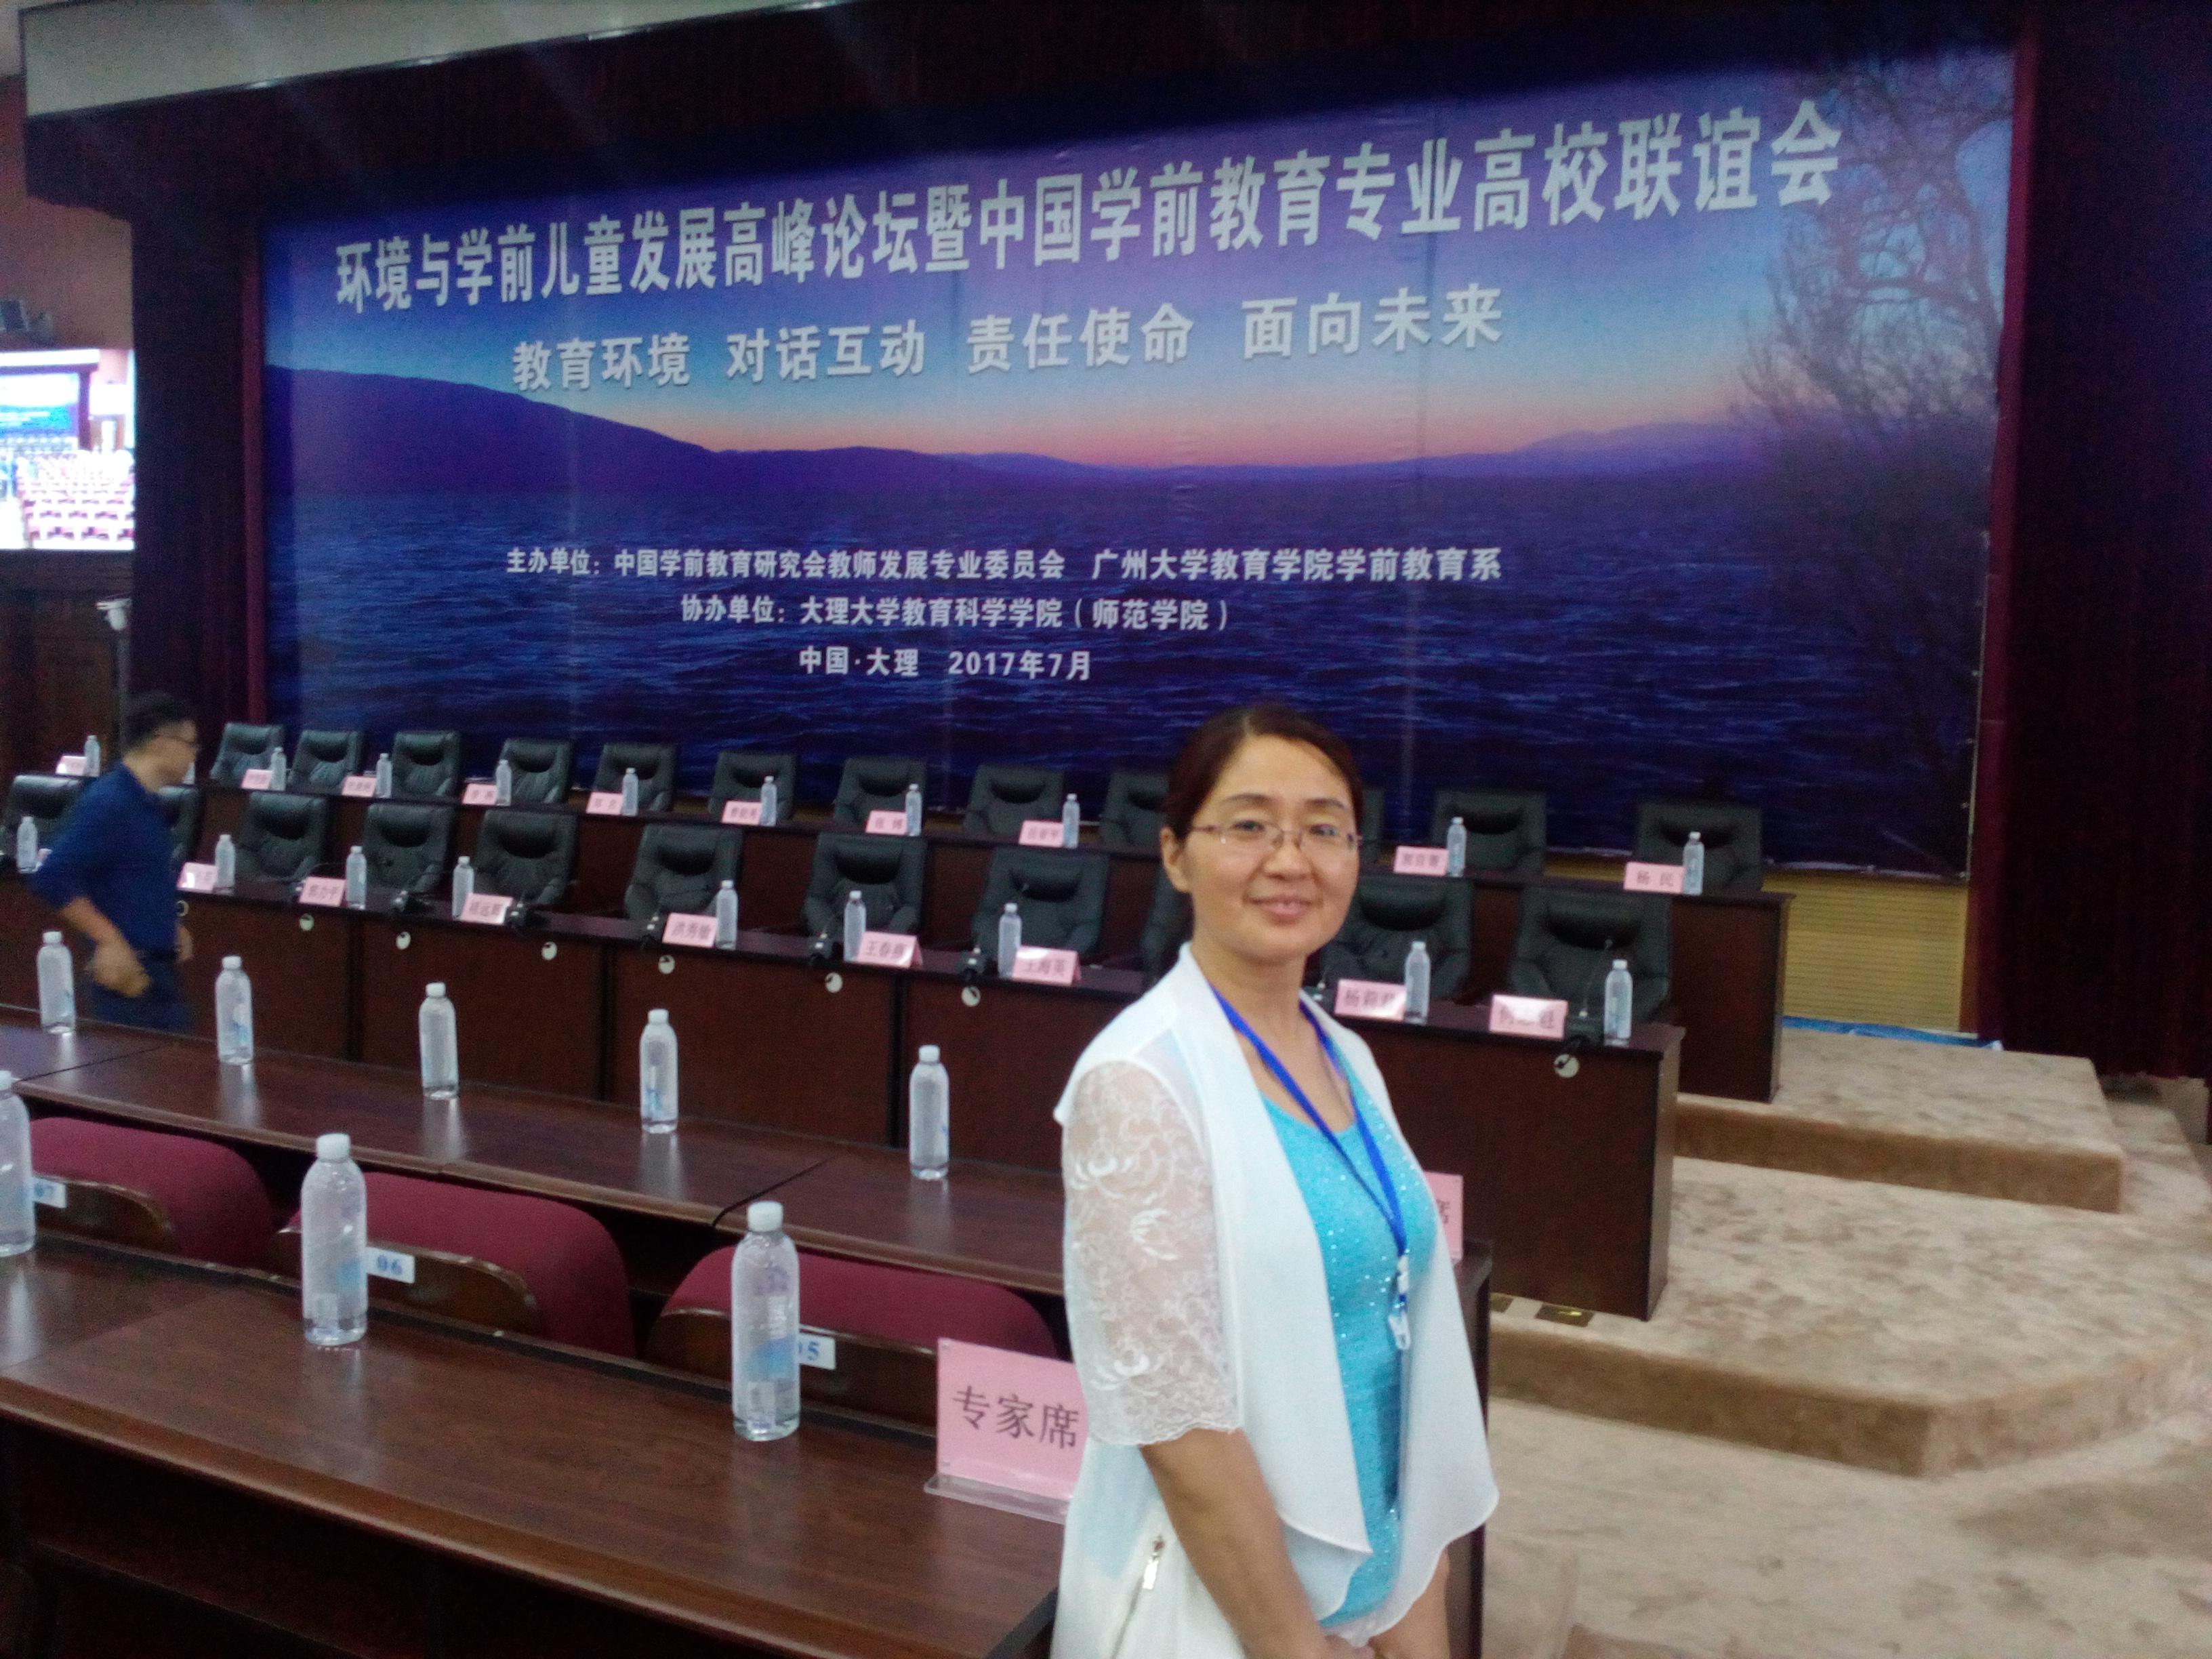 教育科学学院教师参加环境与学前儿童发展高峰论坛暨中国学前教育专业